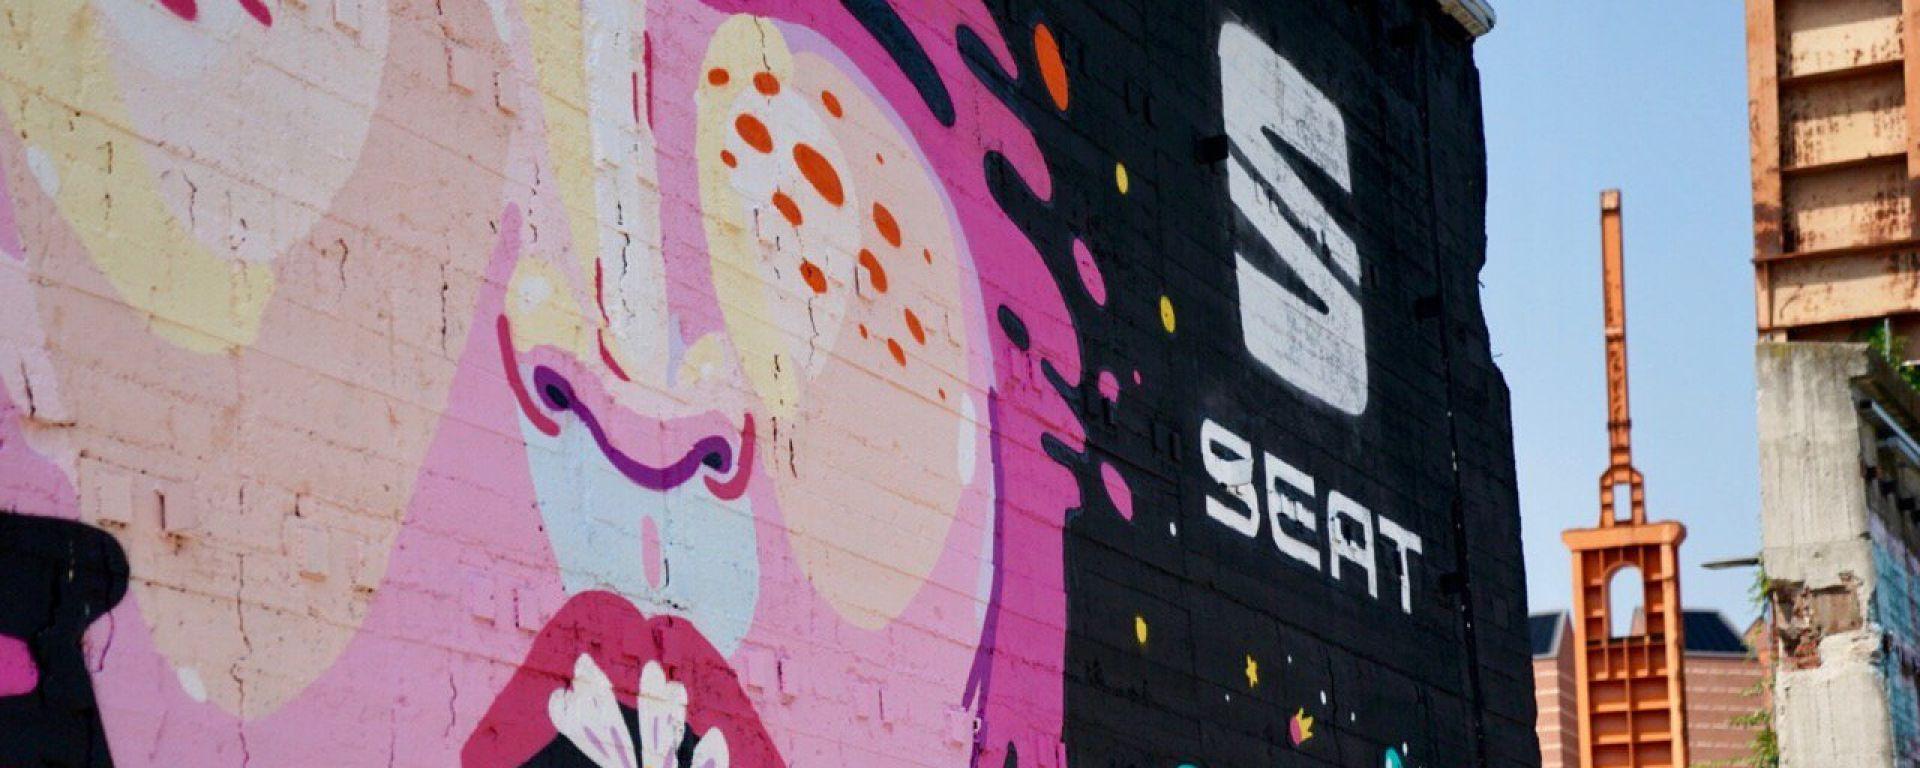 Murales SEAT al Kappa FuturFestival 2019